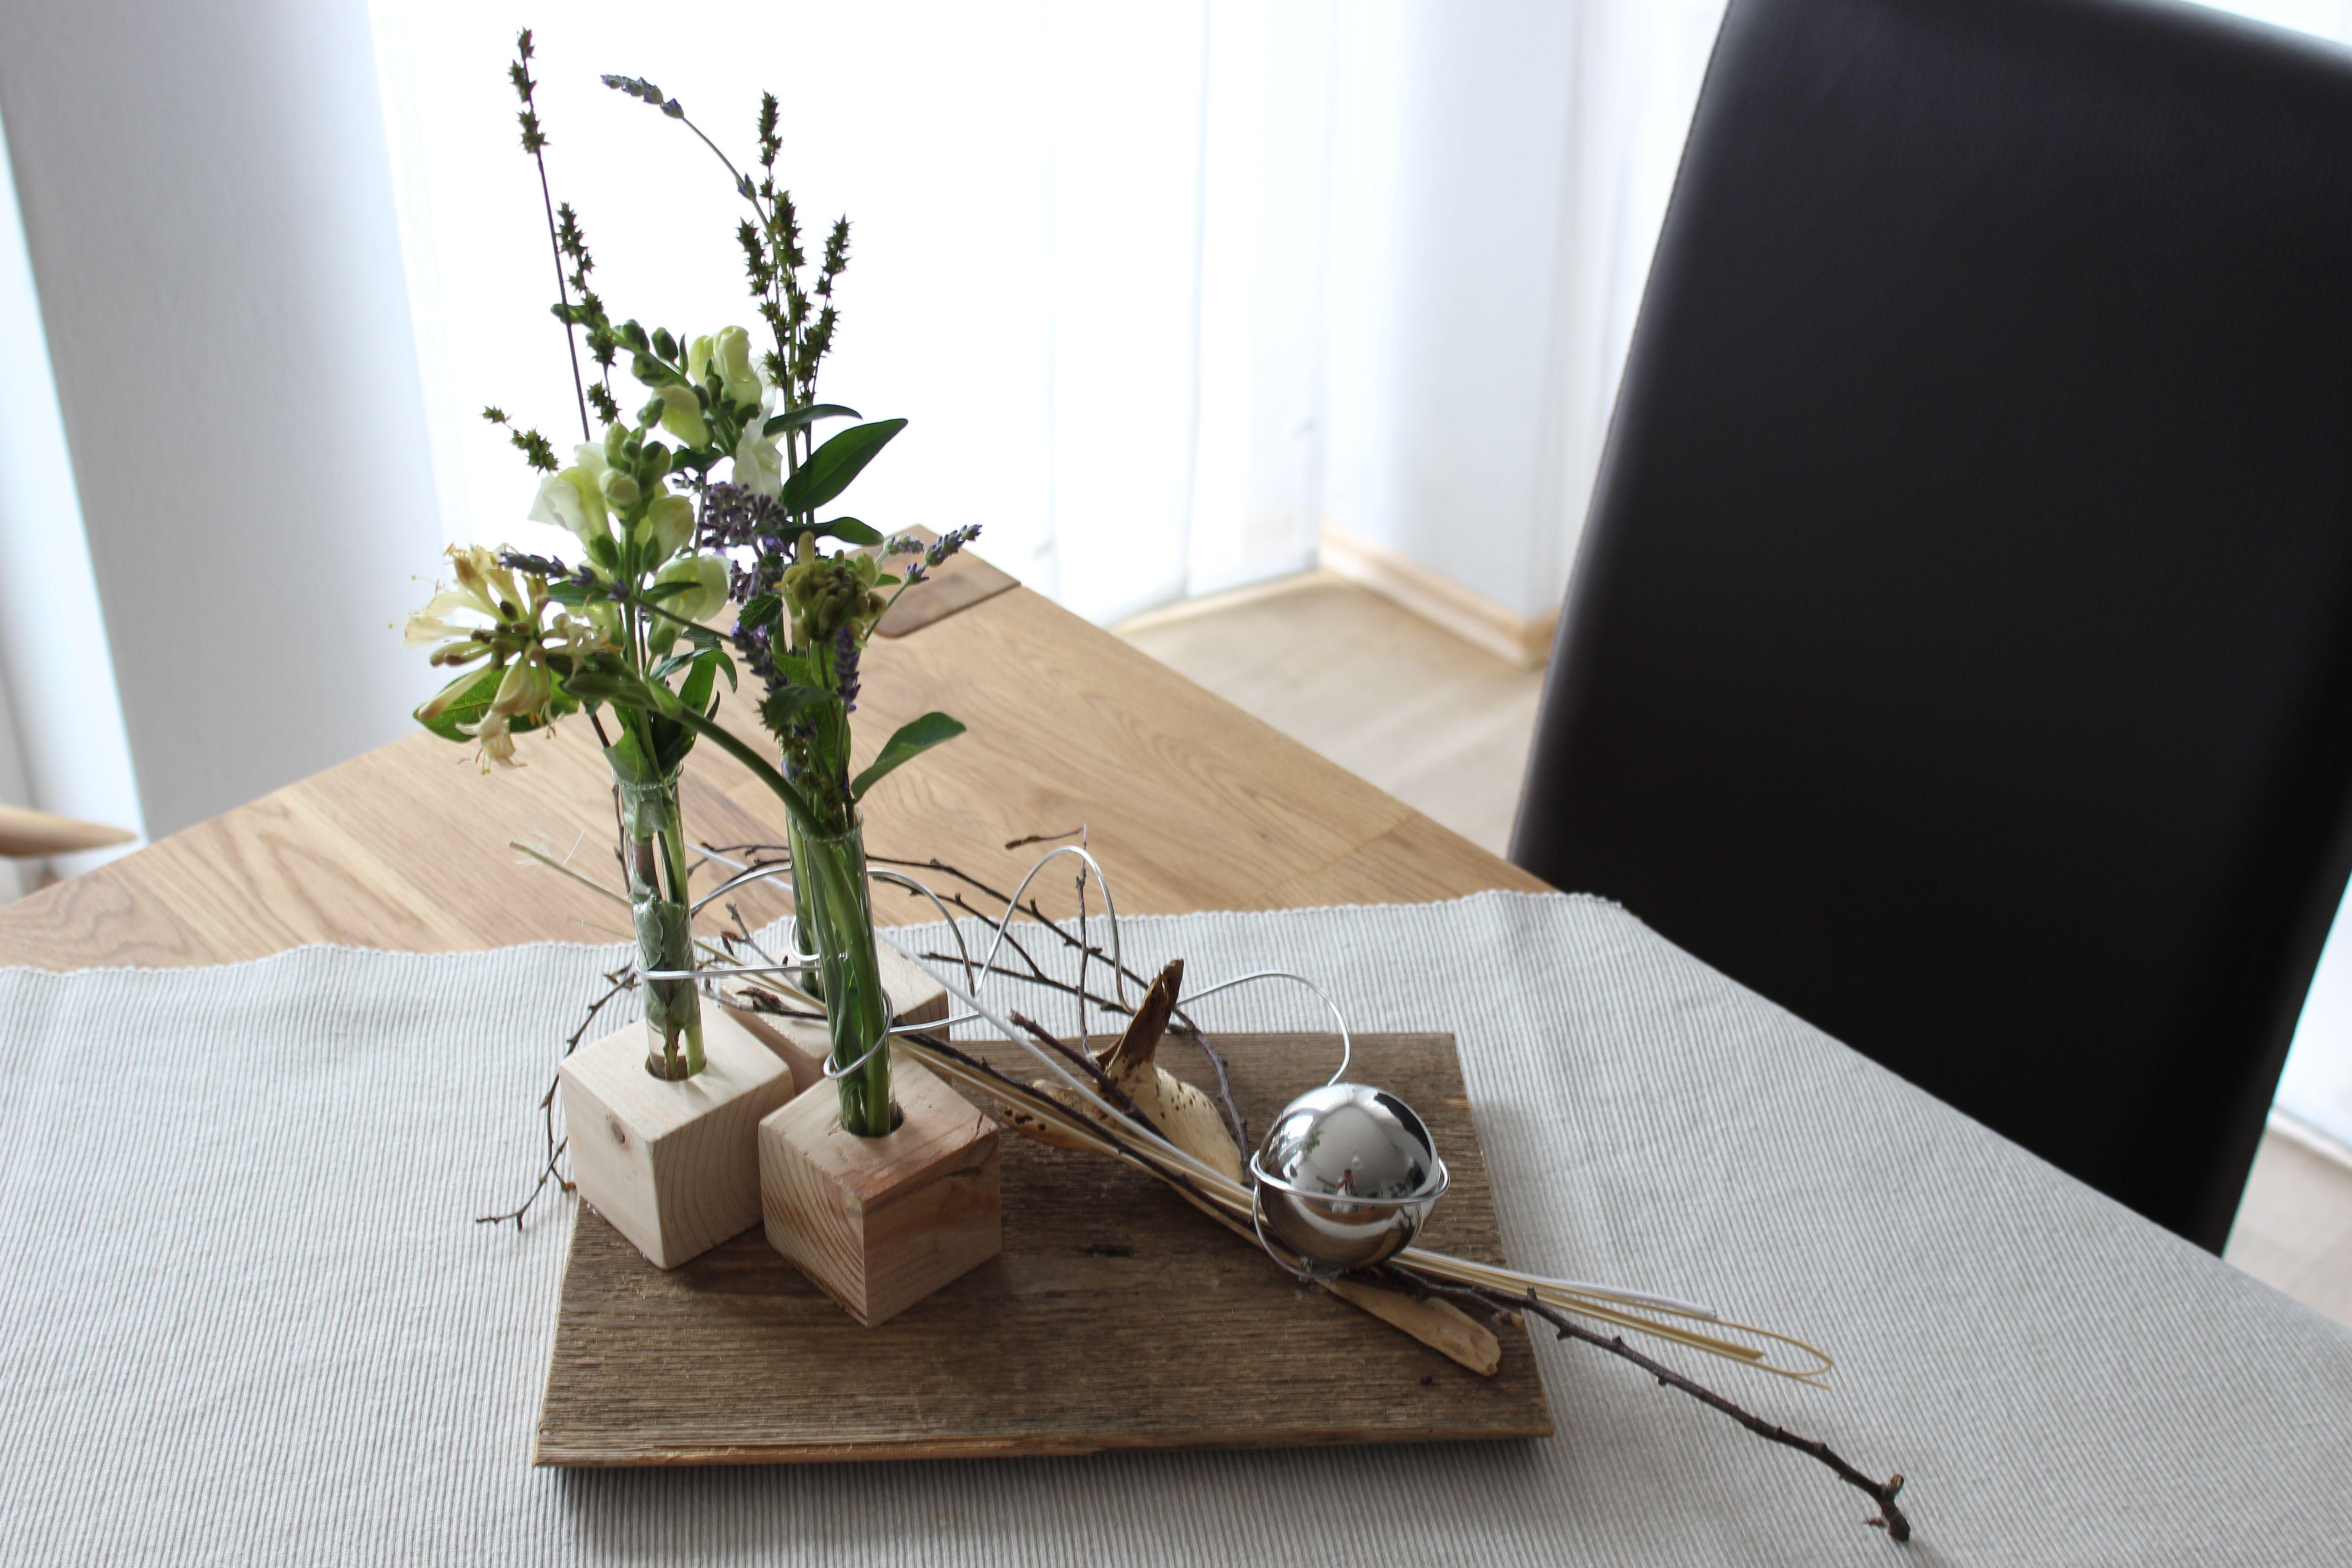 Natürliche Dekoration für Haus und Garten Extrem kreativ einzigartig wunderschön dekorativ